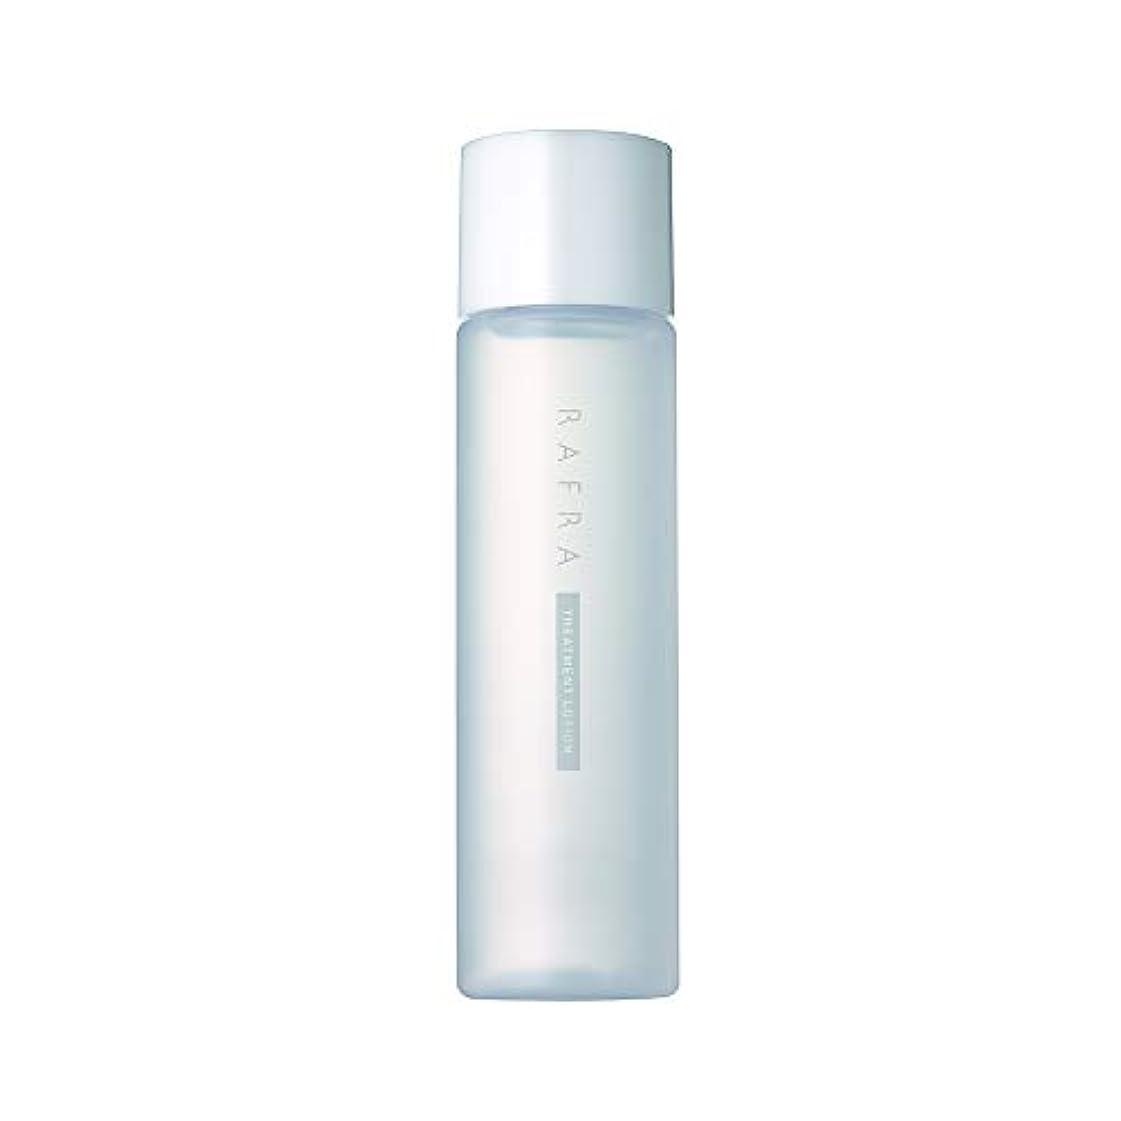 魅力的であることへのアピール締め切り多数のラフラ トリートメントローション 150ml 化粧水 ブースター 導入液